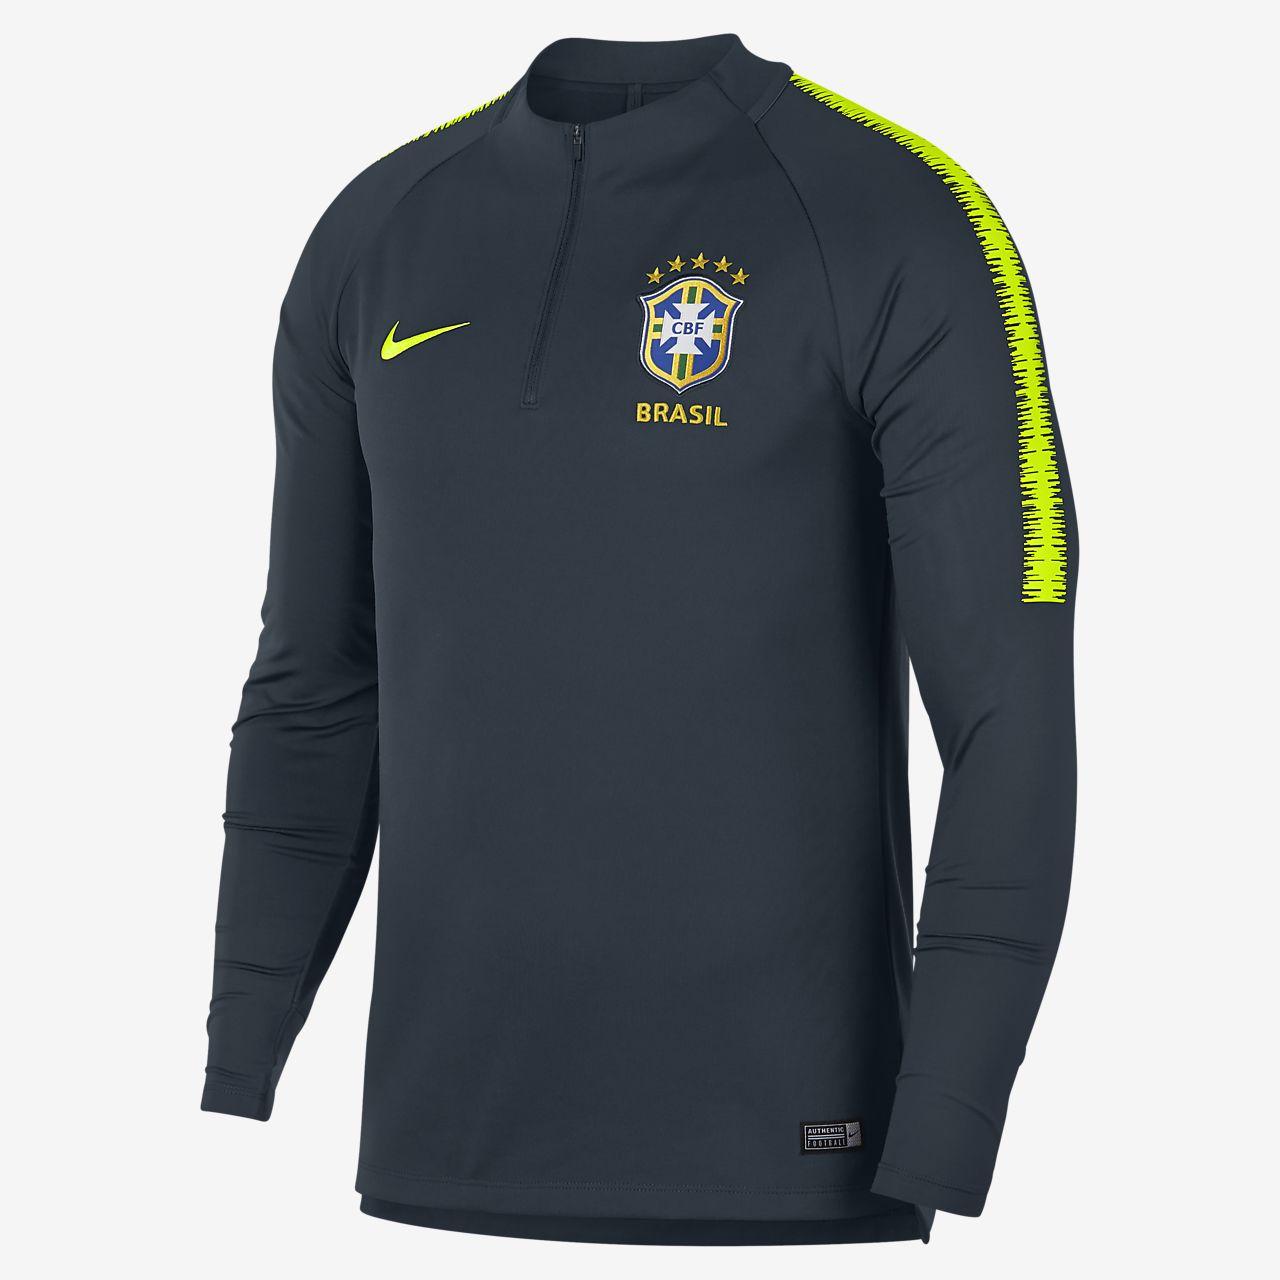 7f62c5c7c ... Męska koszulka piłkarska z długim rękawem Brasil CBF Dri-FIT Squad Drill